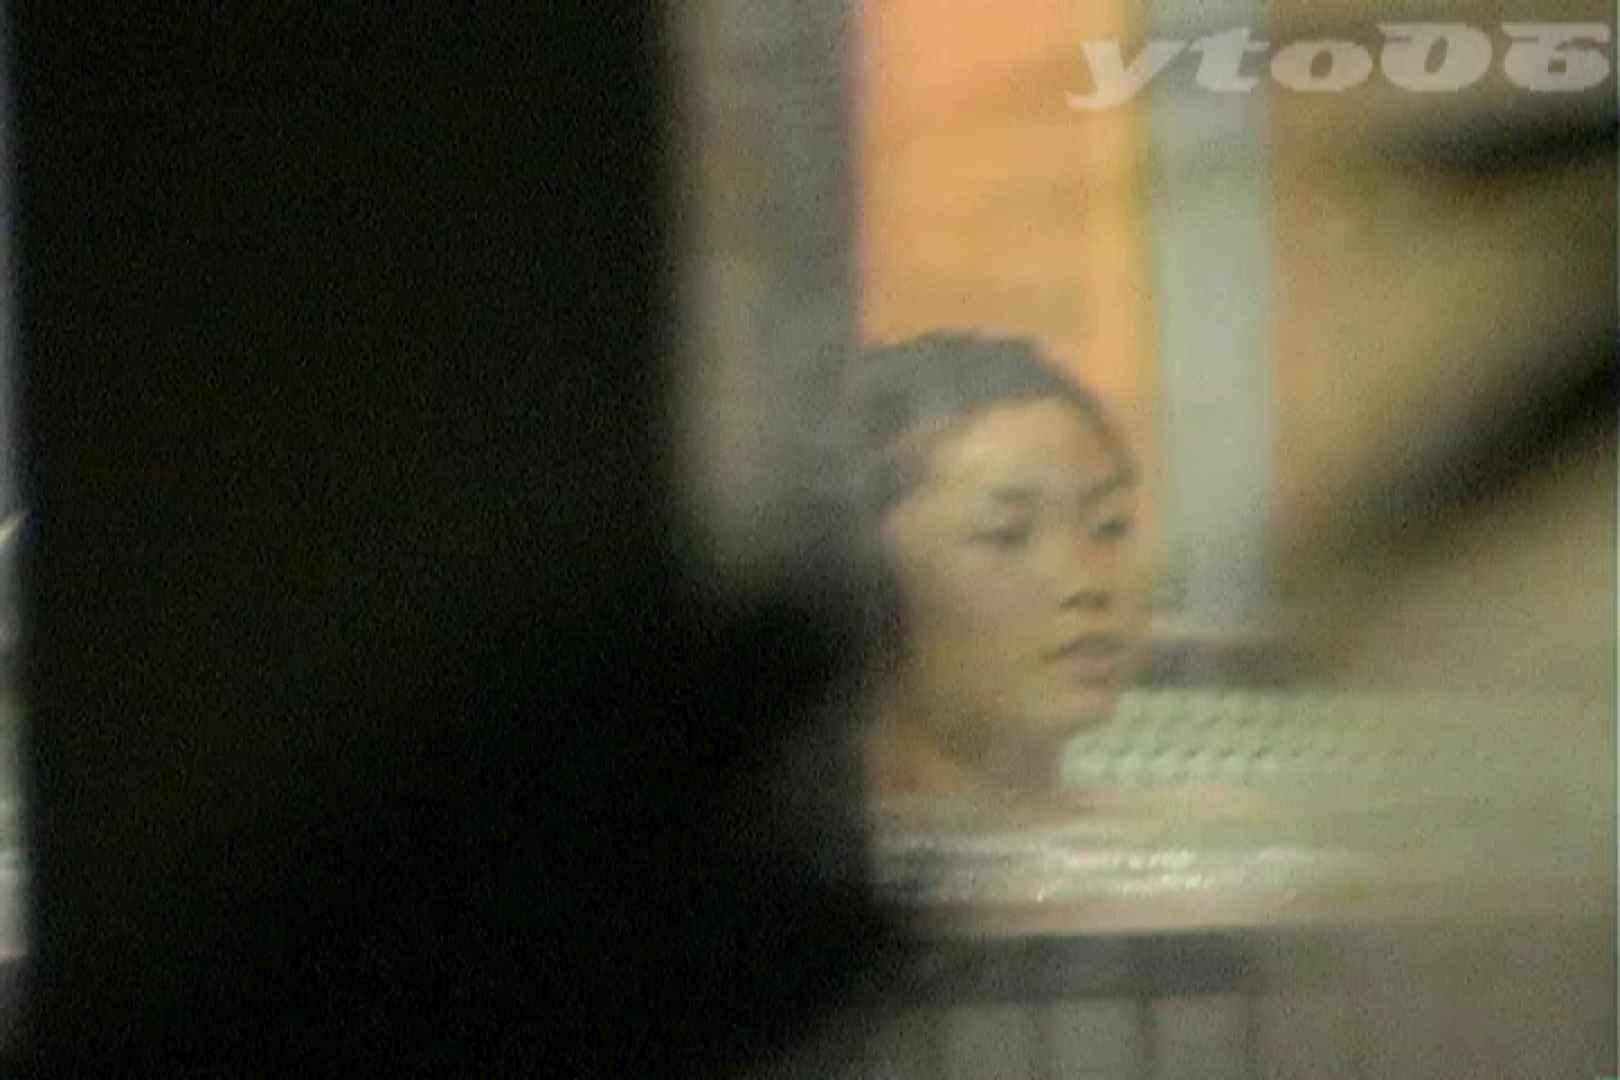 ▲復活限定▲合宿ホテル女風呂盗撮 Vol.36 盗撮編 アダルト動画キャプチャ 102枚 19